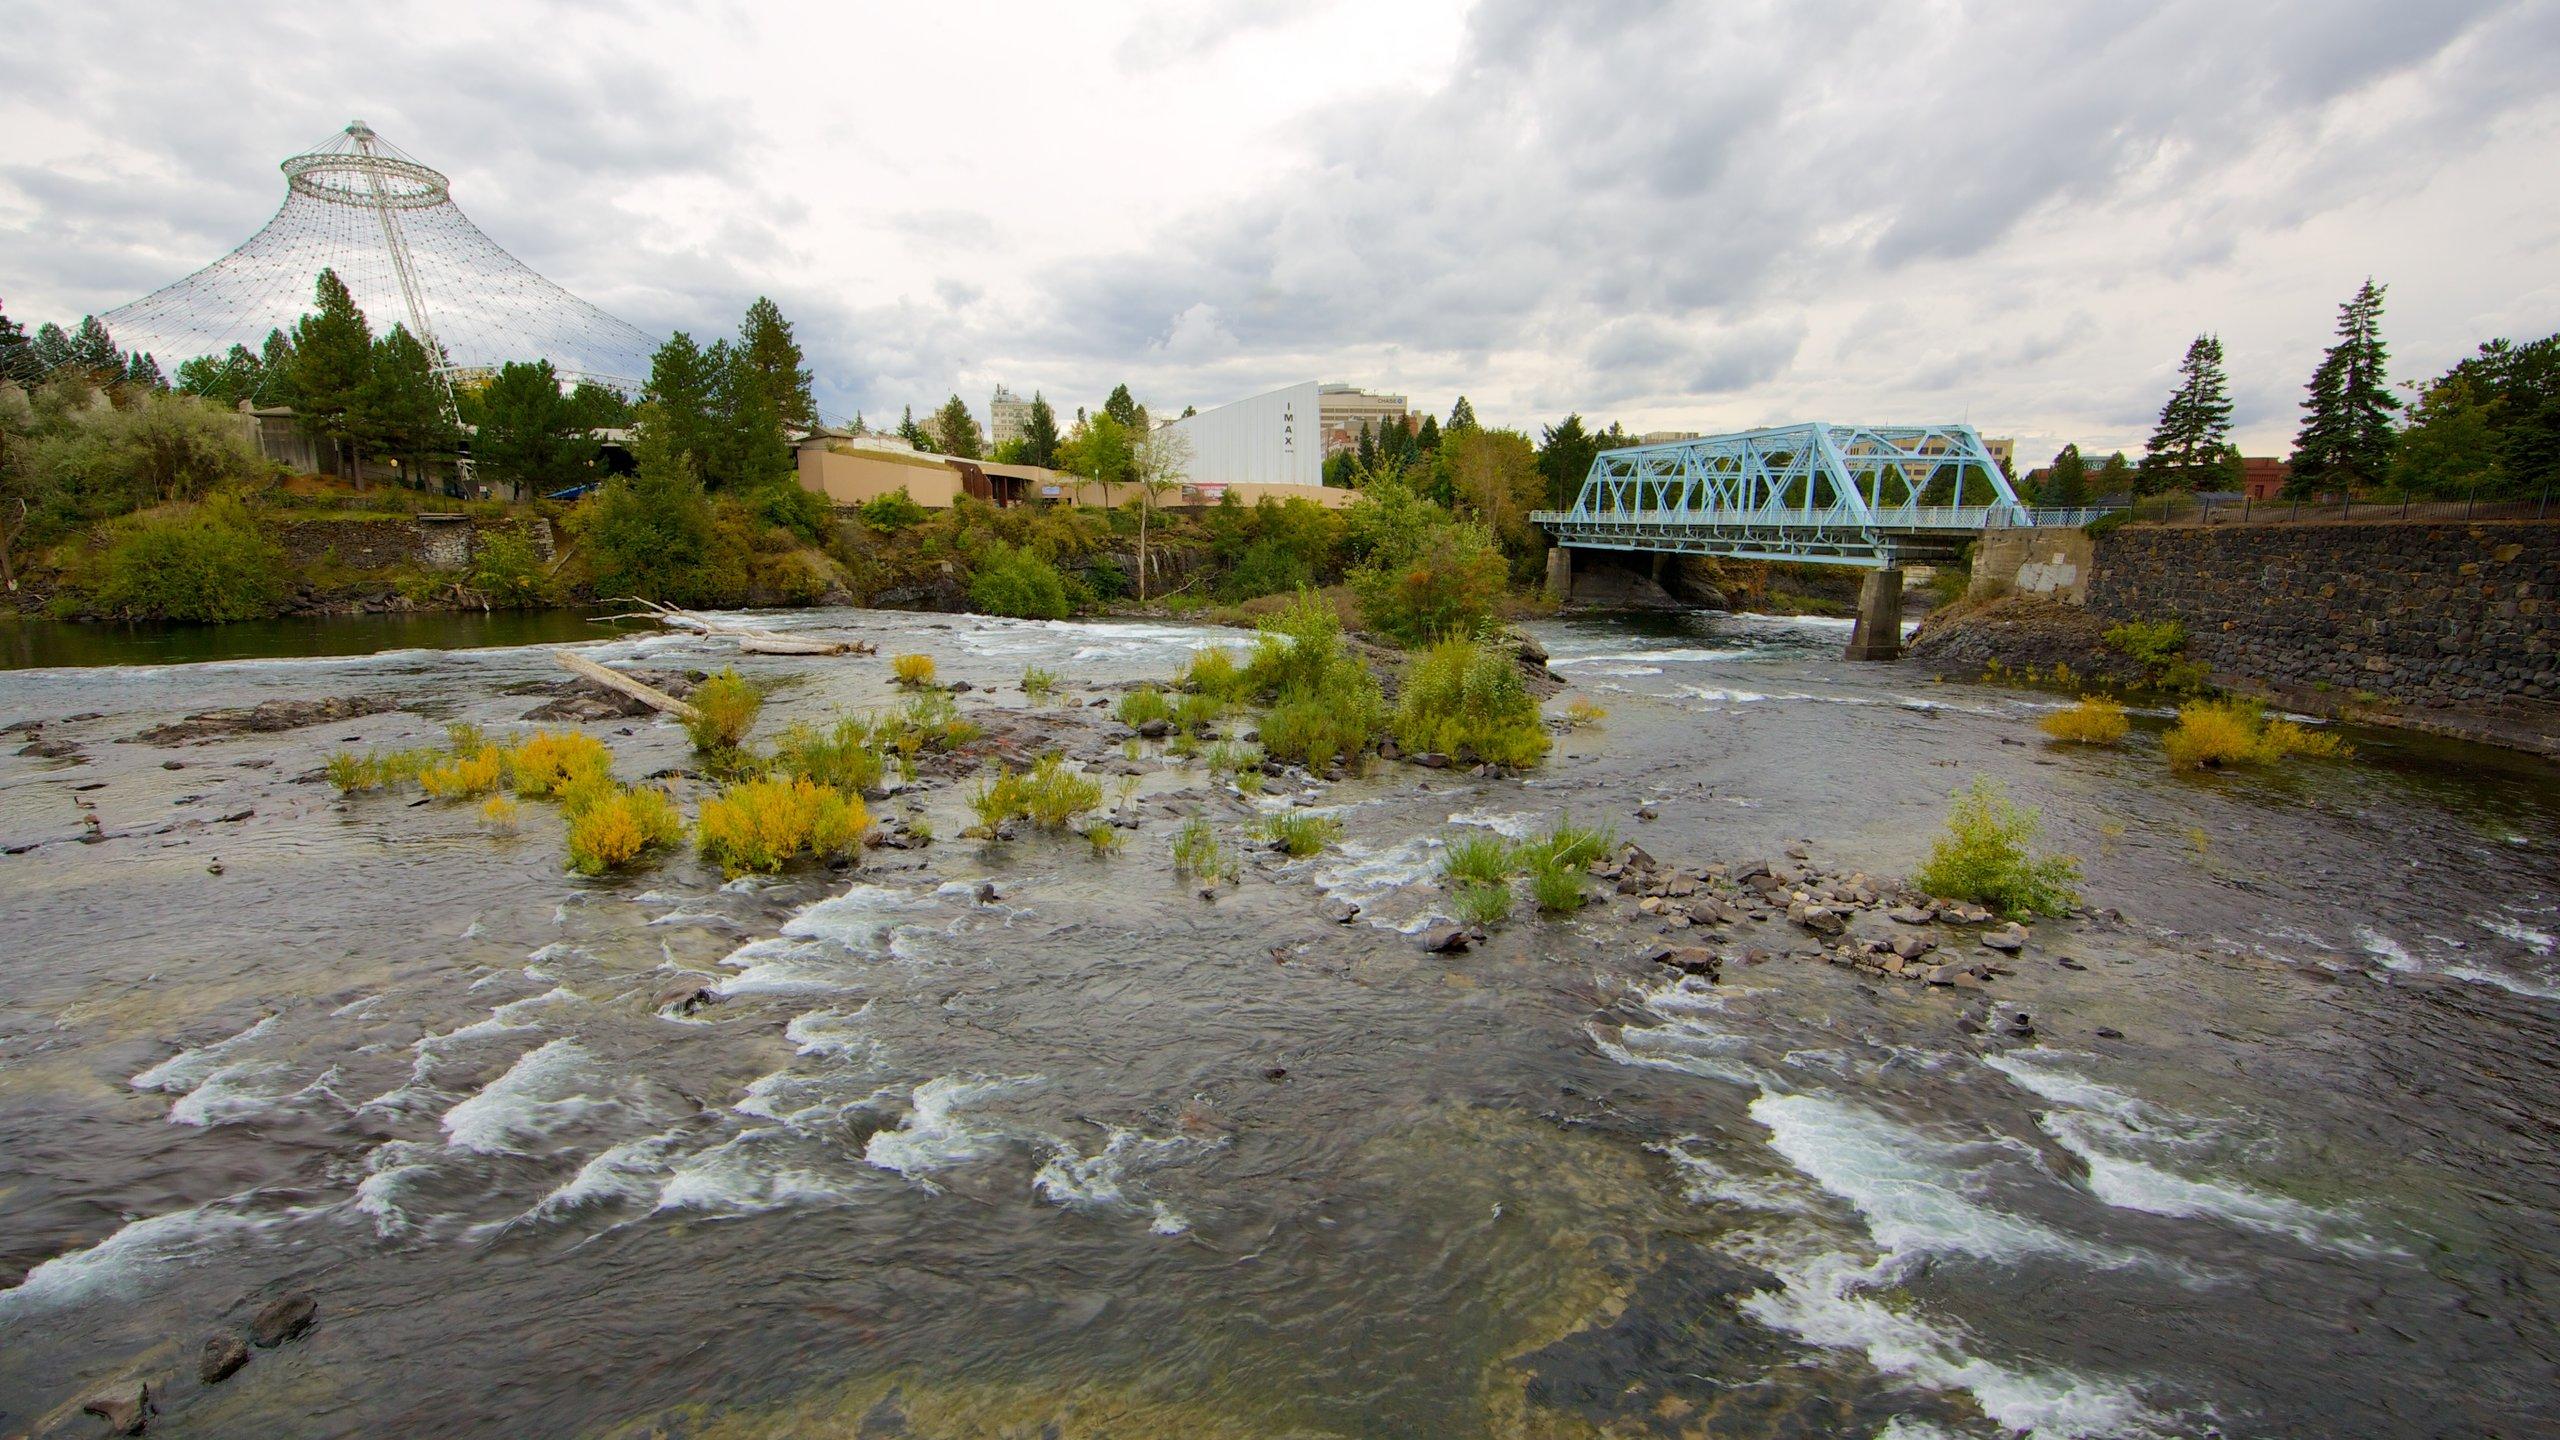 Spokane, Washington, United States of America